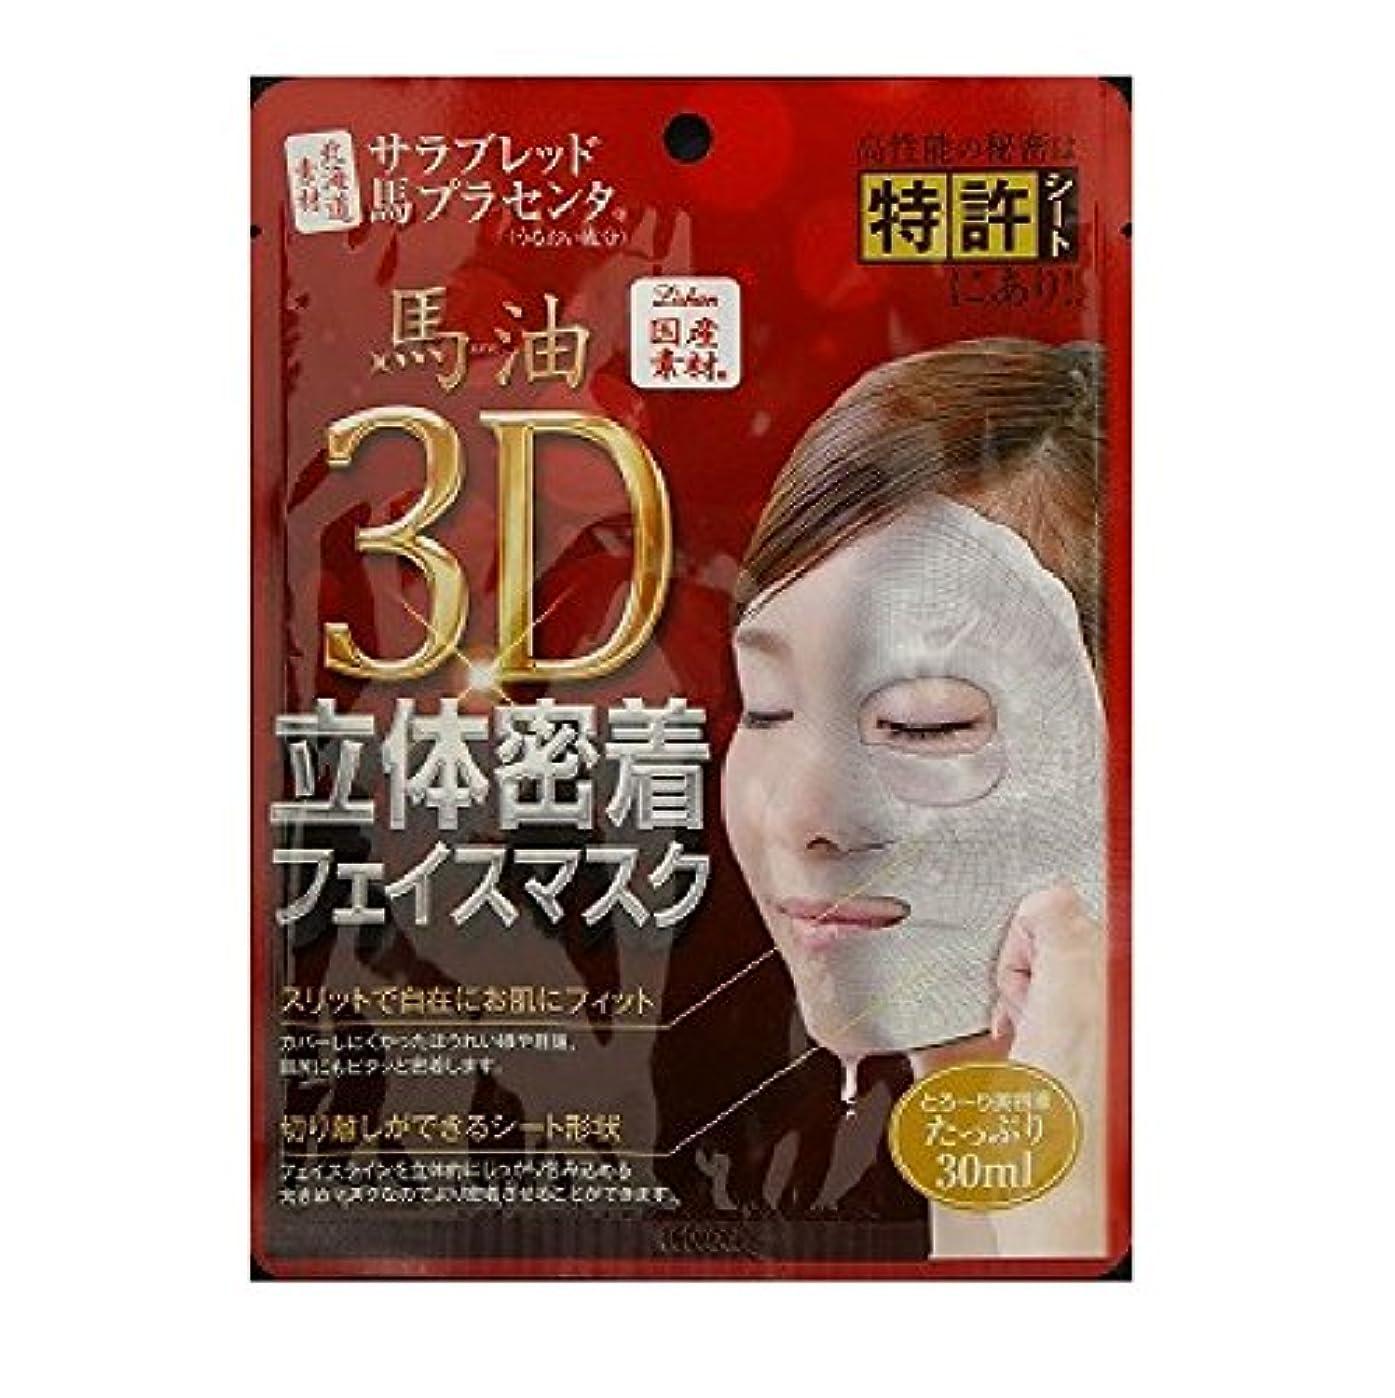 ブレーク命題アイスタイル リシャン馬油3D立体密着フェイスマスク無香料 1枚入り